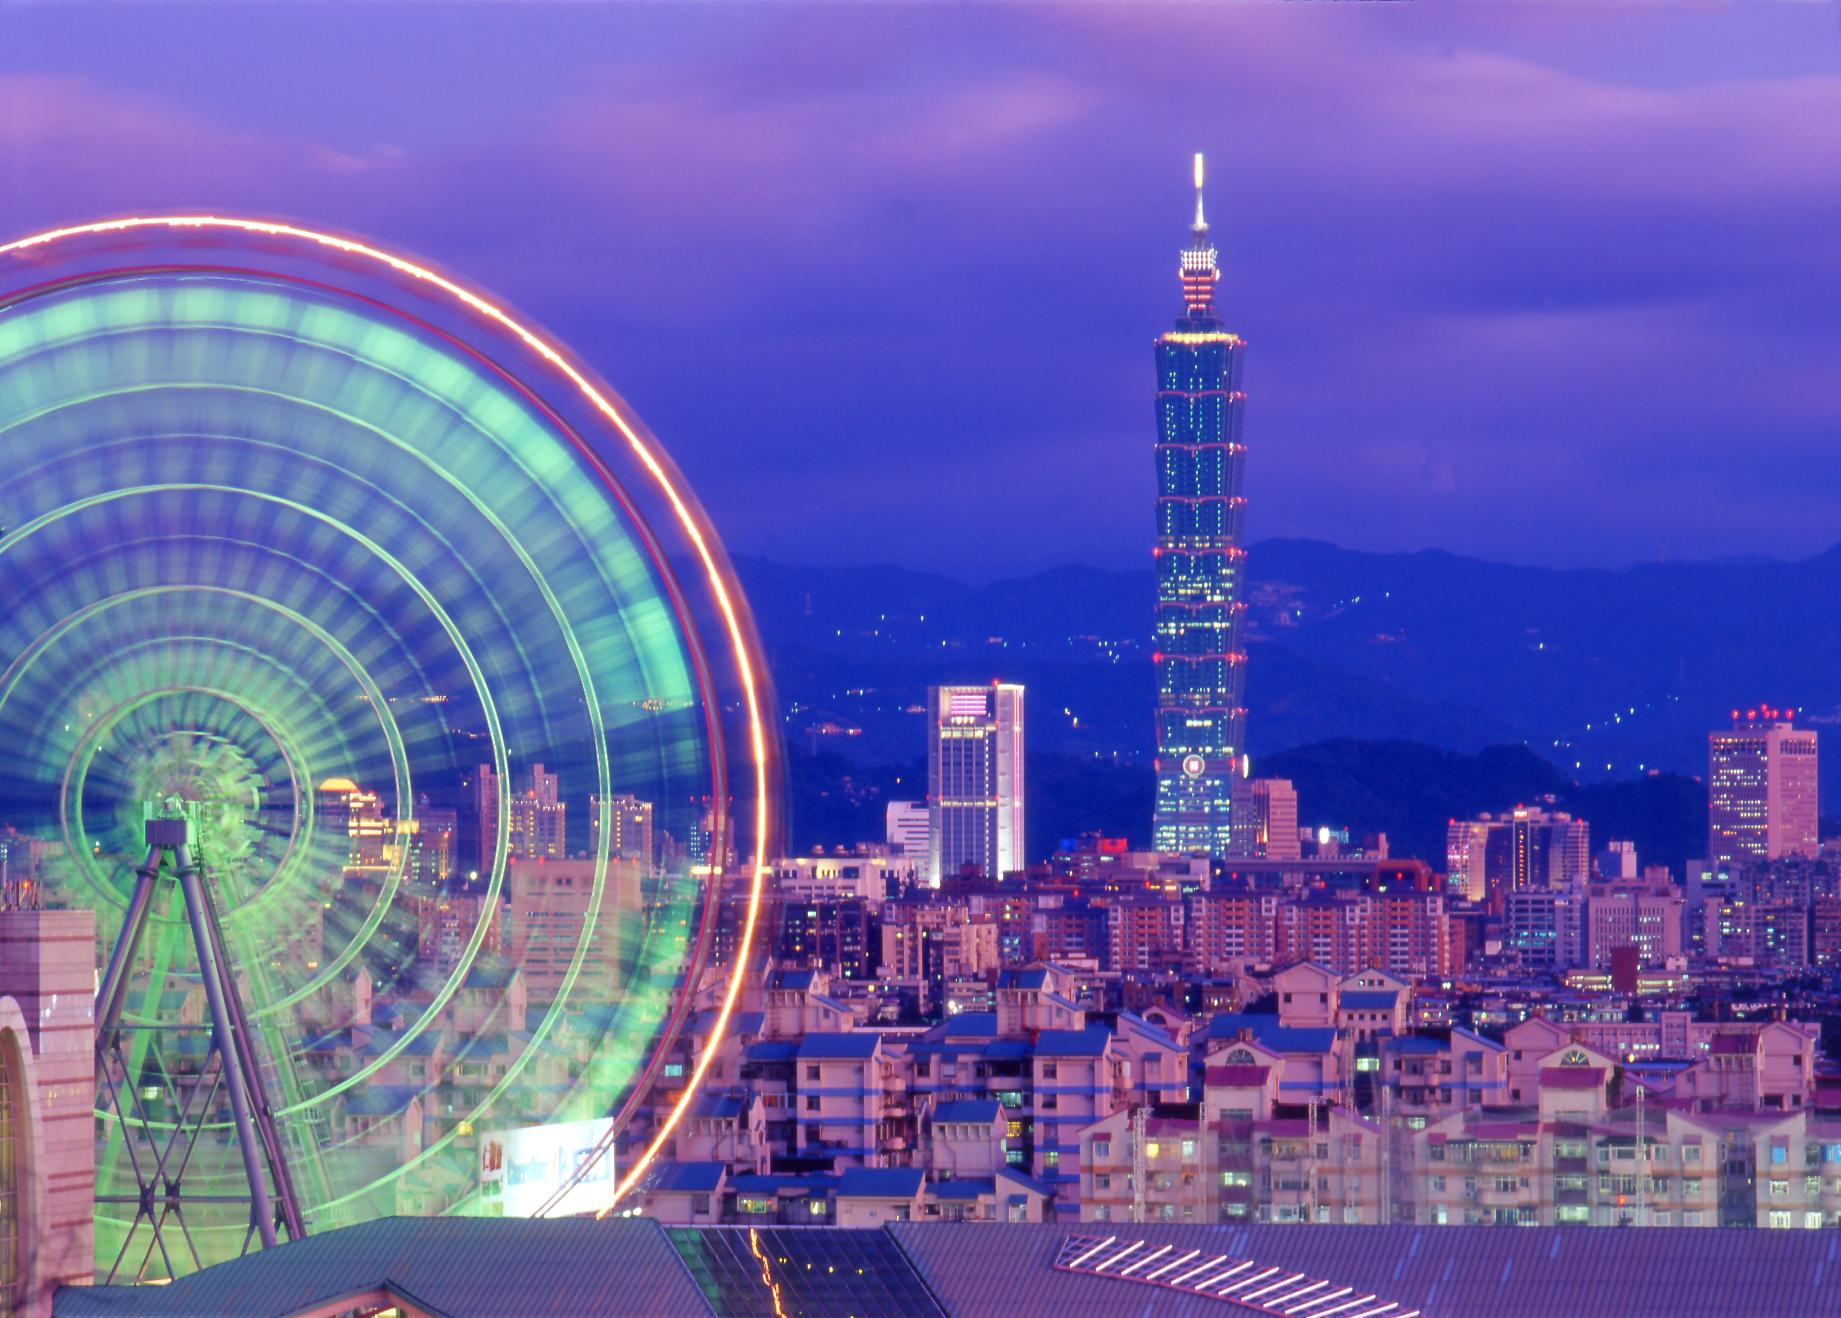 Tour Du Lịch Đài Loan 6 Ngày 5 Đêm: Cao Hùng - Đài Trung - Nam Đầu - Đài Bắc